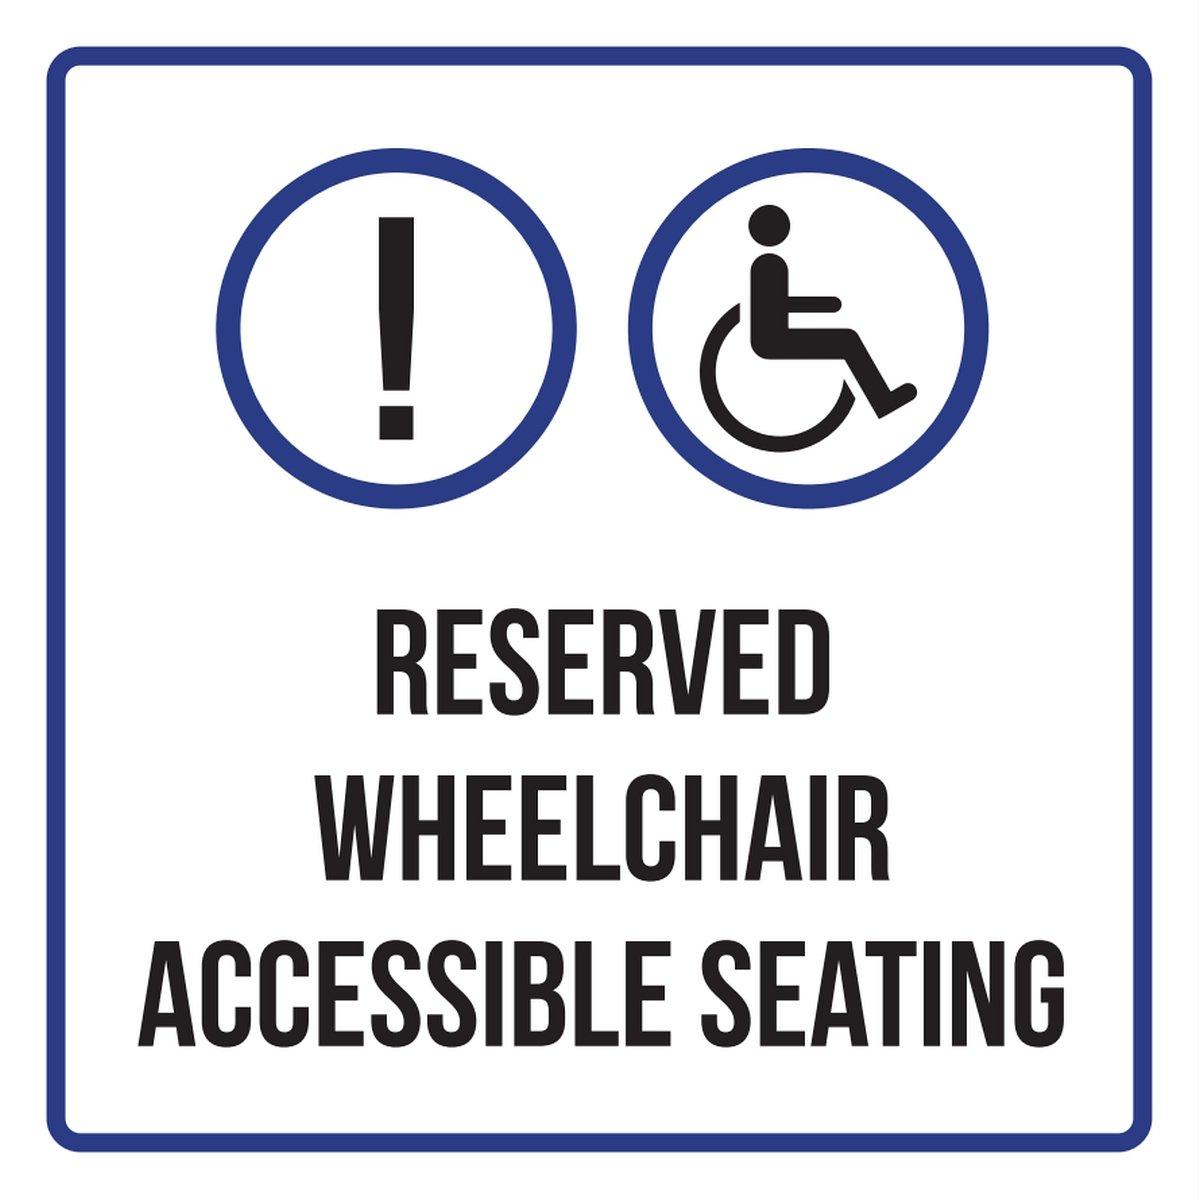 予約車いすアクセス可能Seating DisabilityビジネスCommercial安全警告Squareサイン – 9 x 9 9x9 9x9-211-METAL B0785SM527